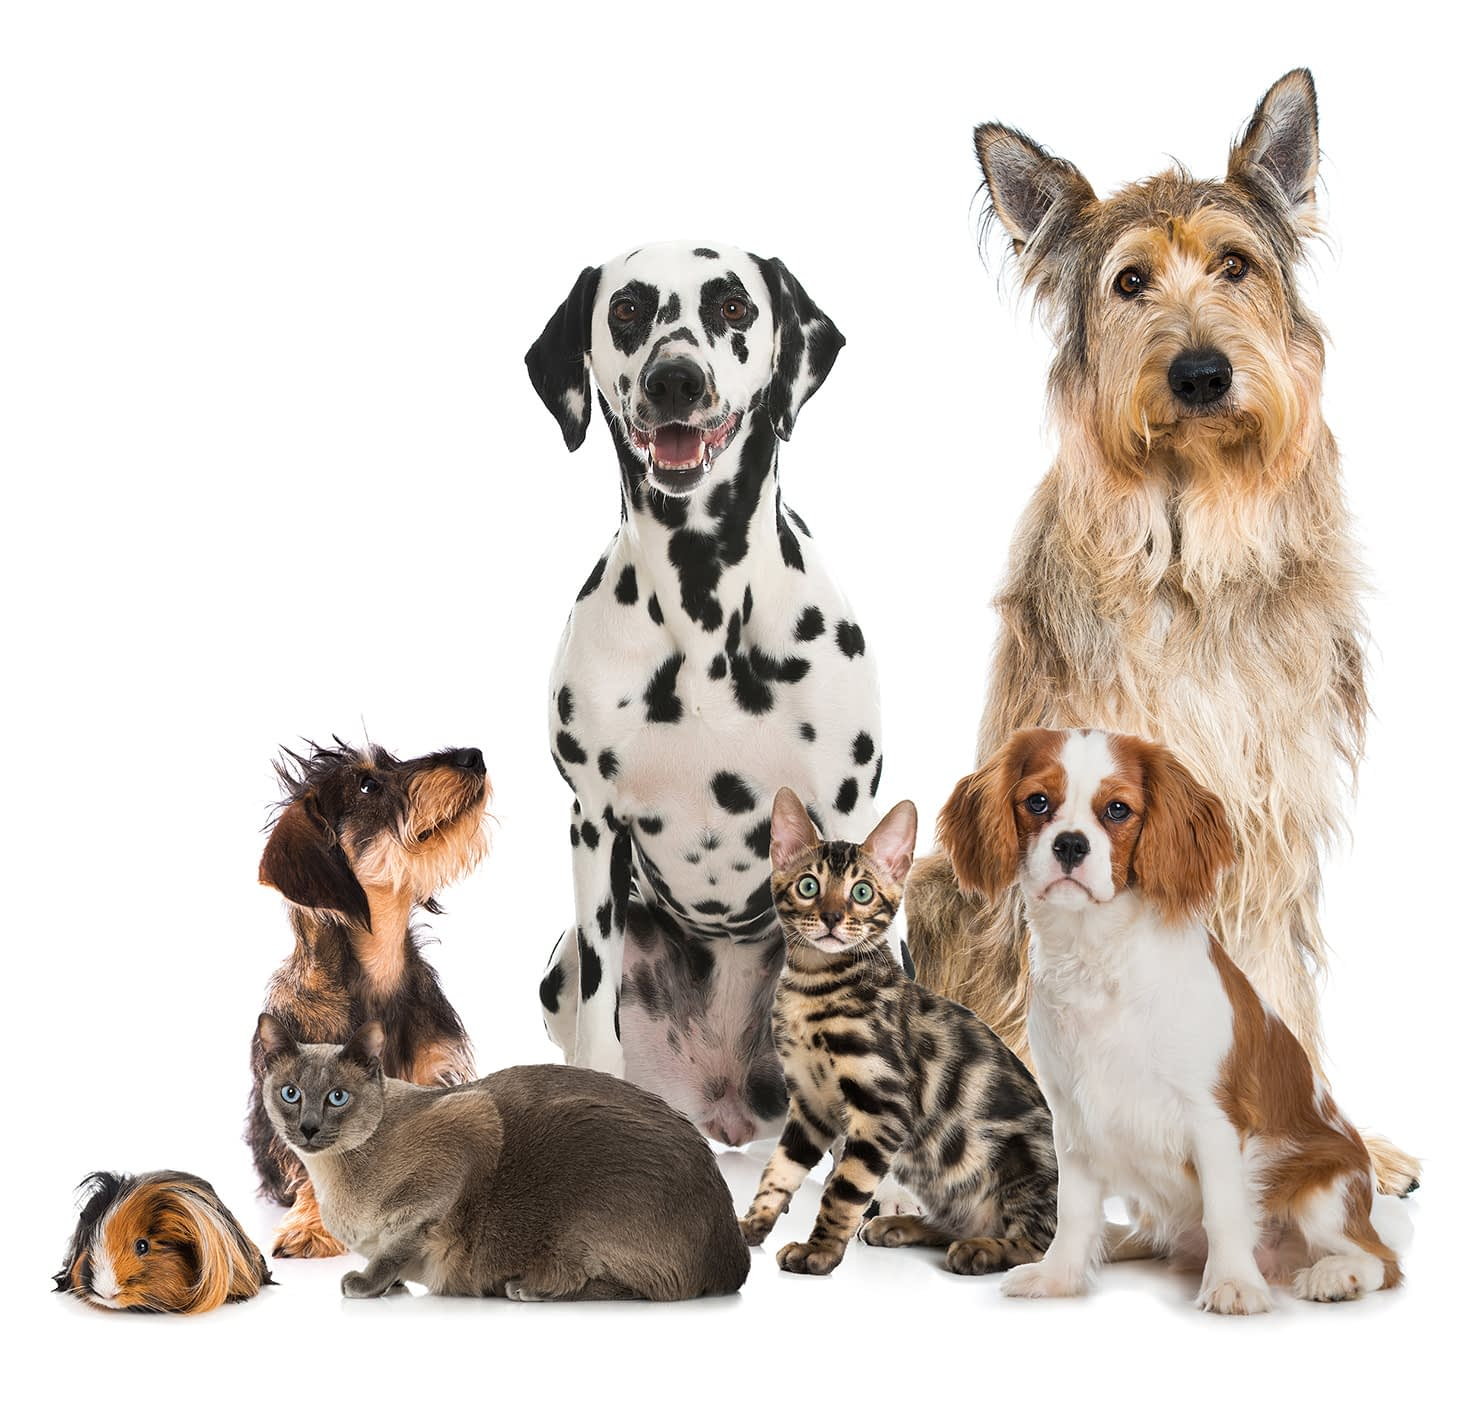 Willkommen | Tierärztliche Gemeinschaftspraxis Roman Thissen & Dr. Corinna Weber Alzey